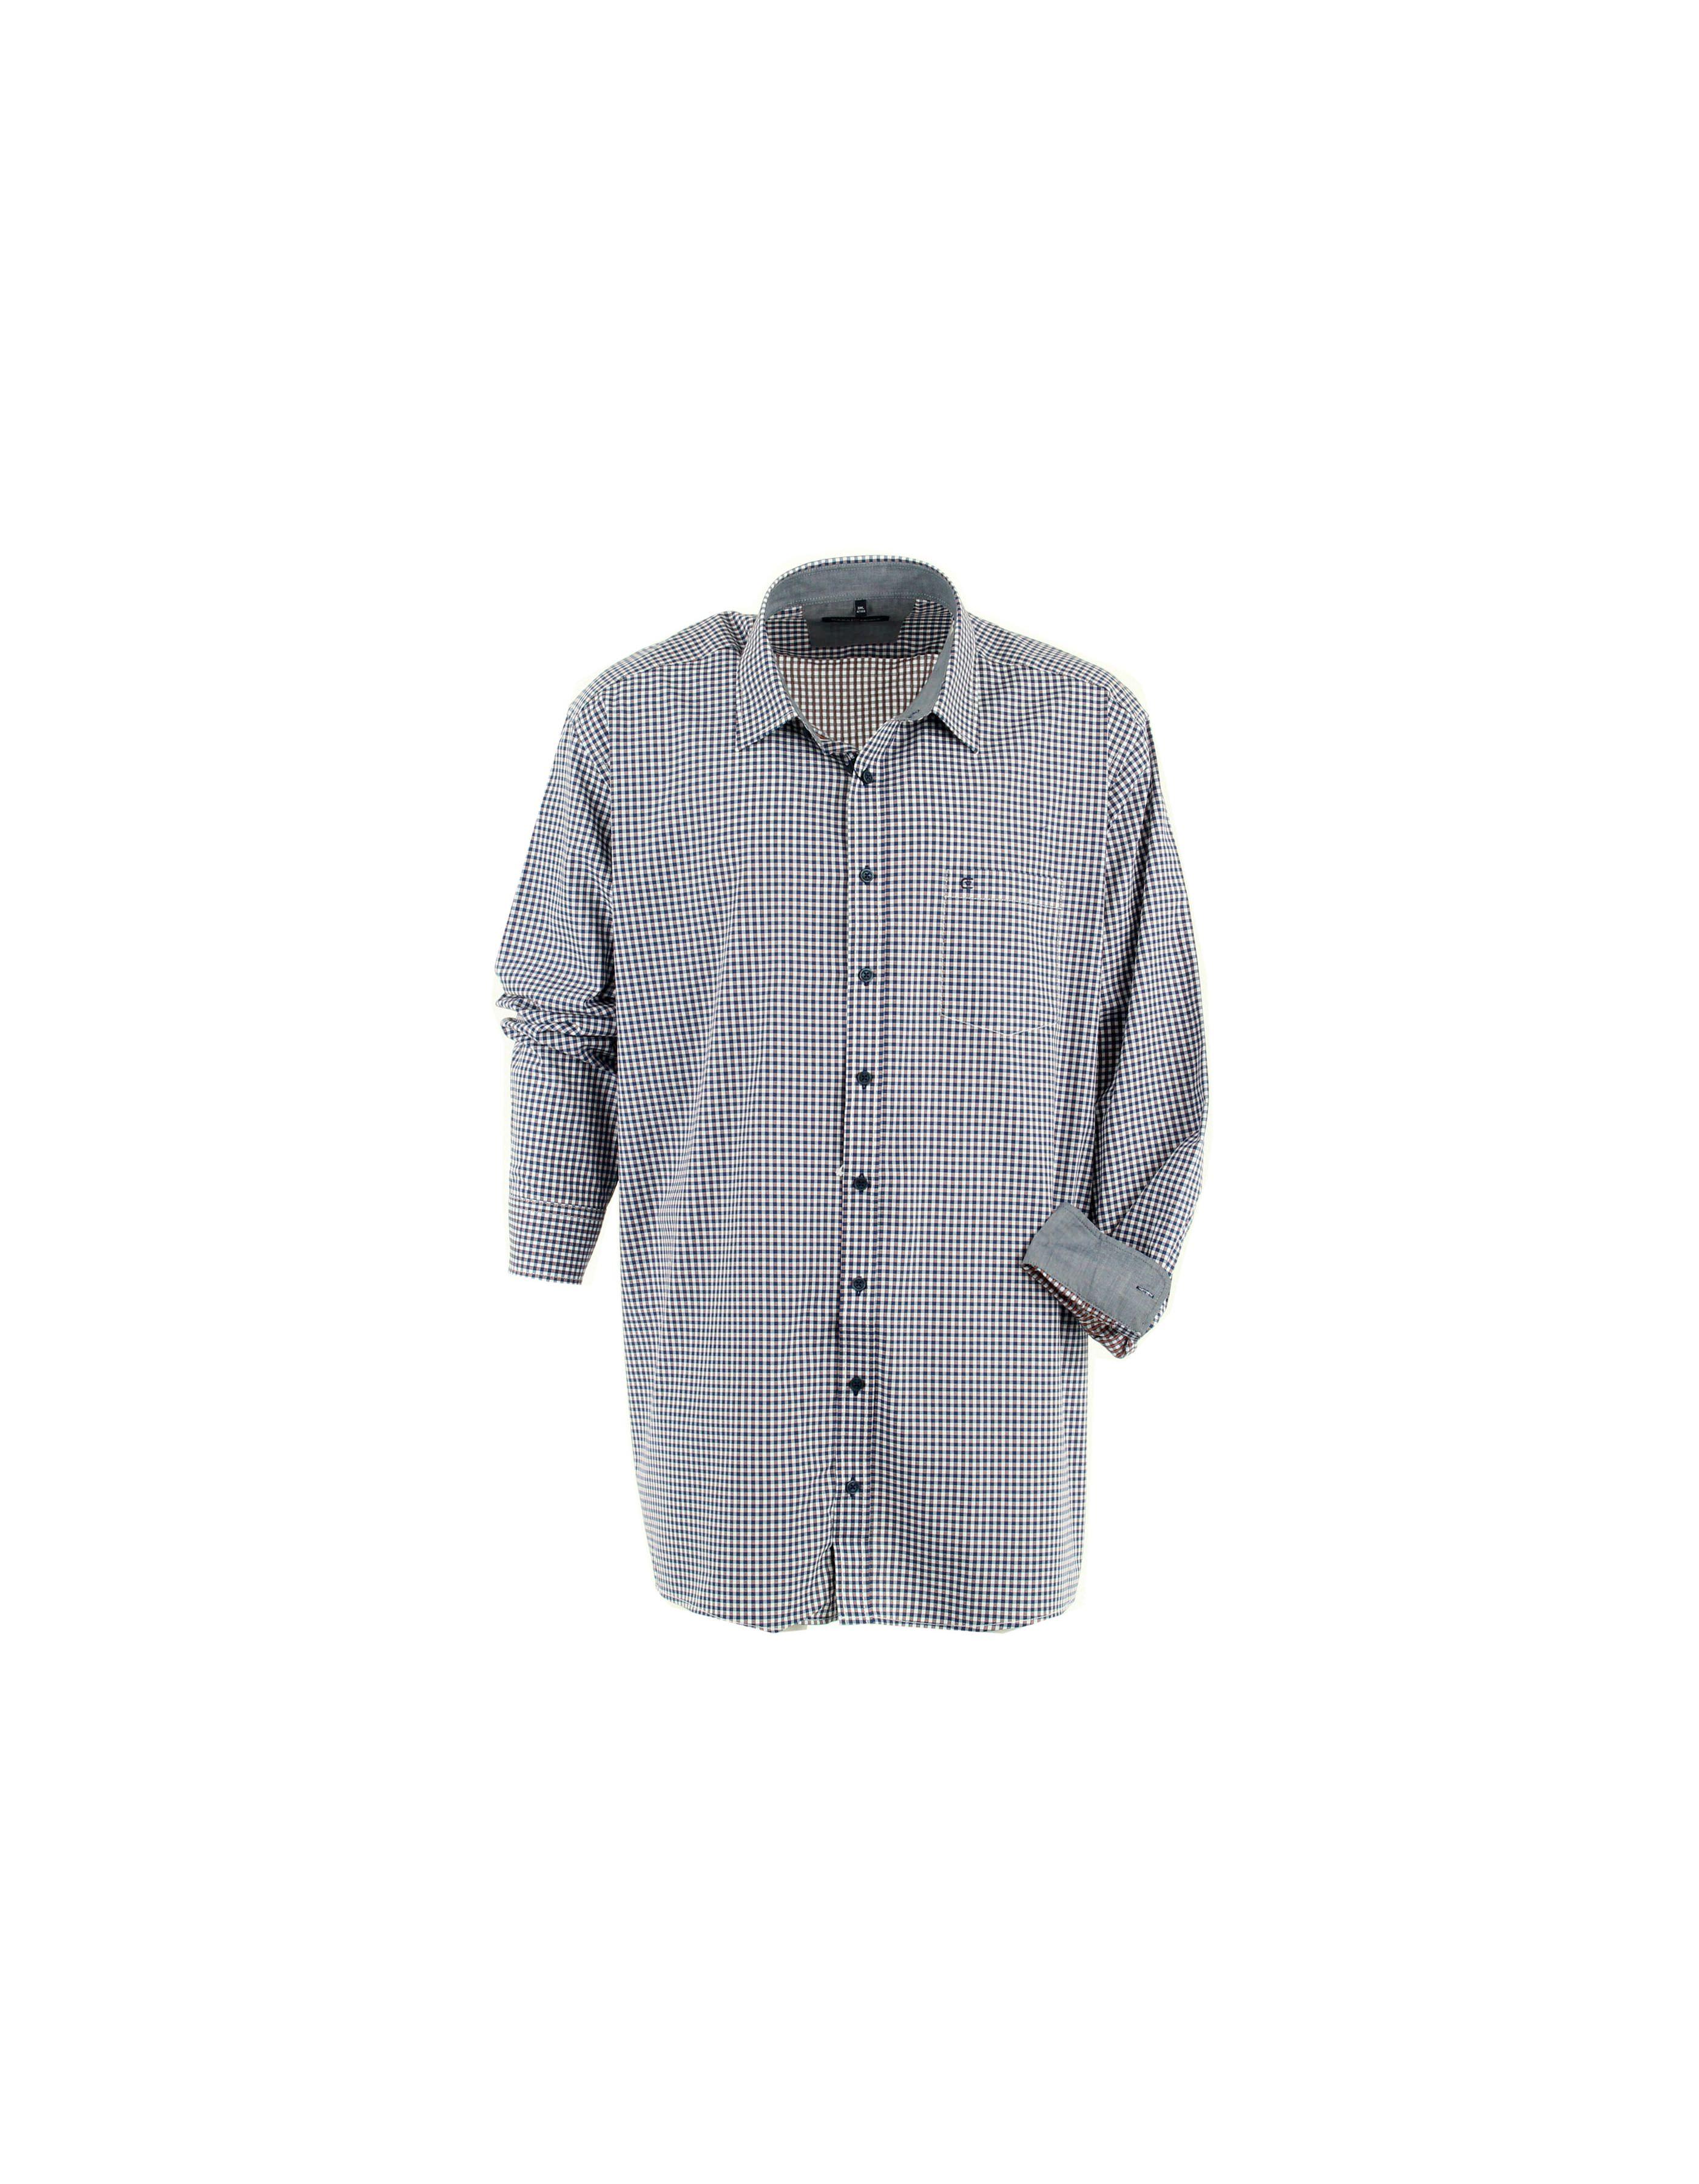 Chemise petits carreaux